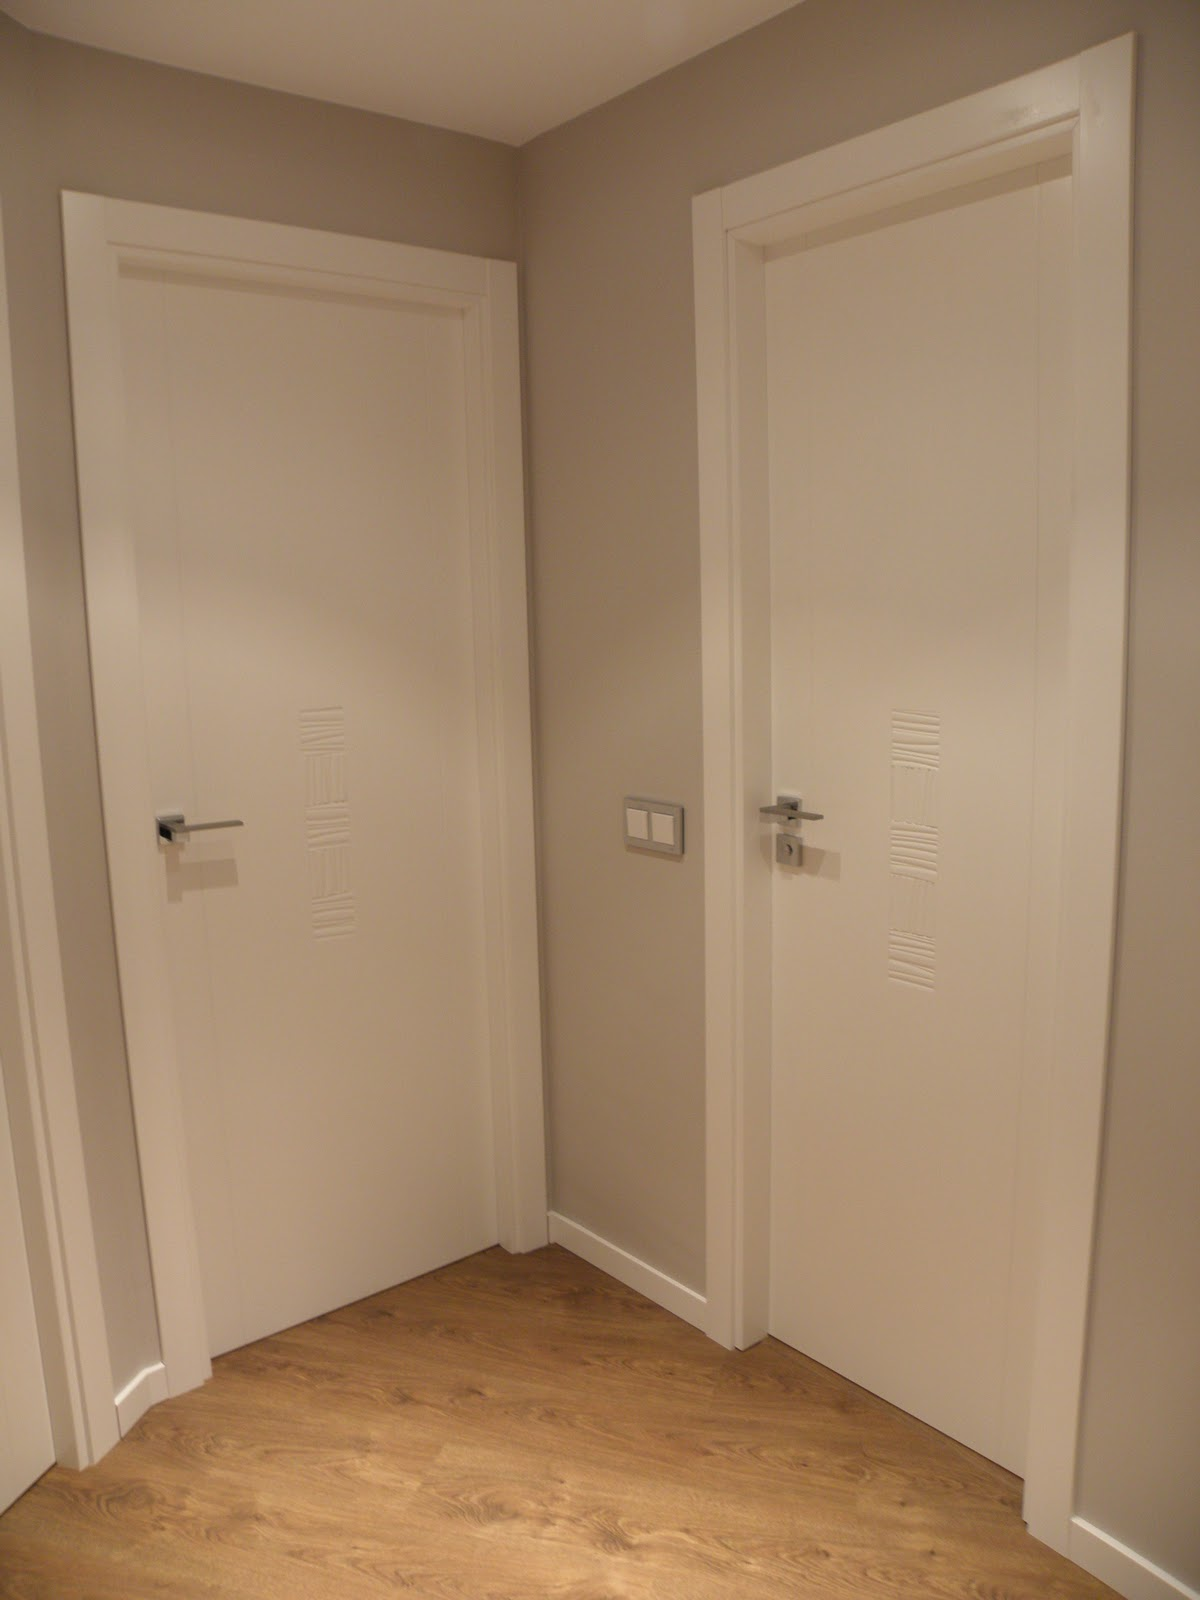 Renova for you puertas lacadas en blanco nuclear - Puertas lacadas en blanco ...